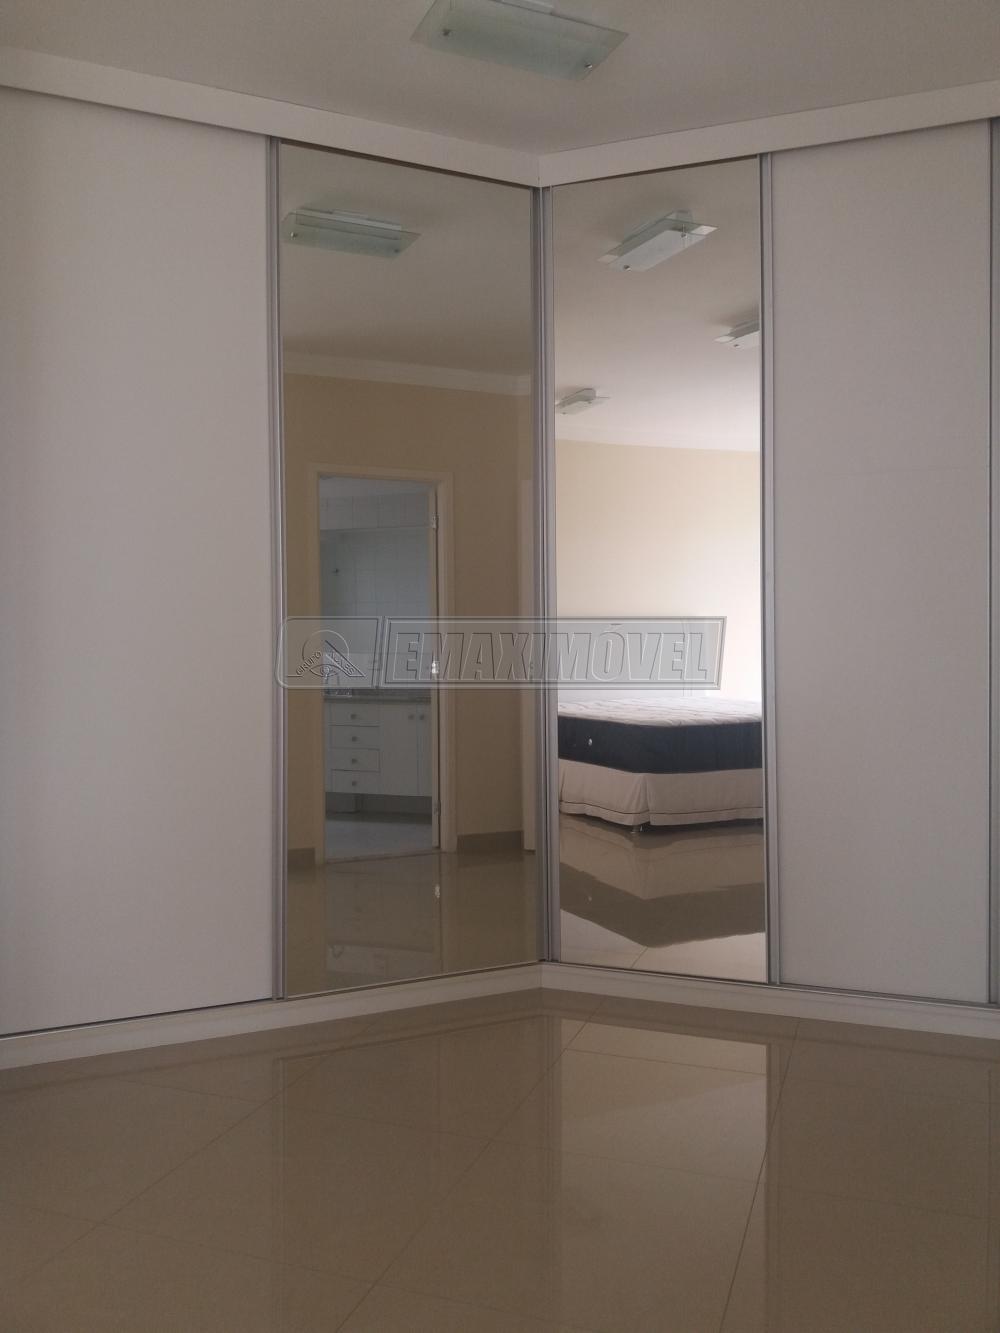 Alugar Apartamentos / Apto Padrão em Sorocaba apenas R$ 3.300,00 - Foto 20